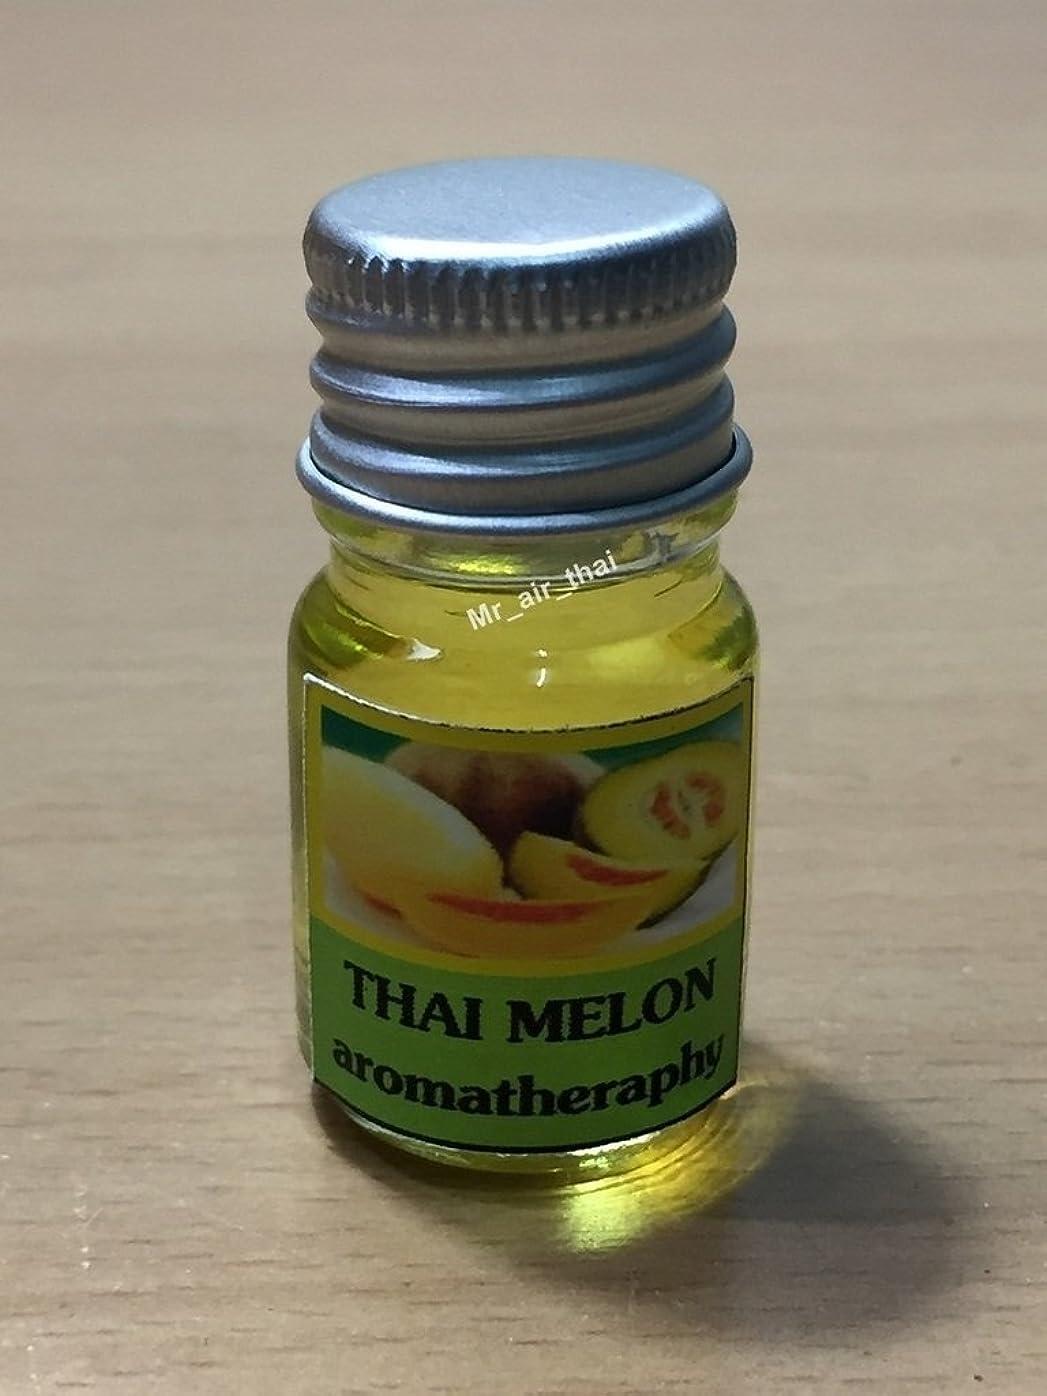 決してフィットネス法的5ミリリットルアロマタイメロンフランクインセンスエッセンシャルオイルボトルアロマテラピーオイル自然自然5ml Aroma Thai Melon Frankincense Essential Oil Bottles Aromatherapy Oils natural nature